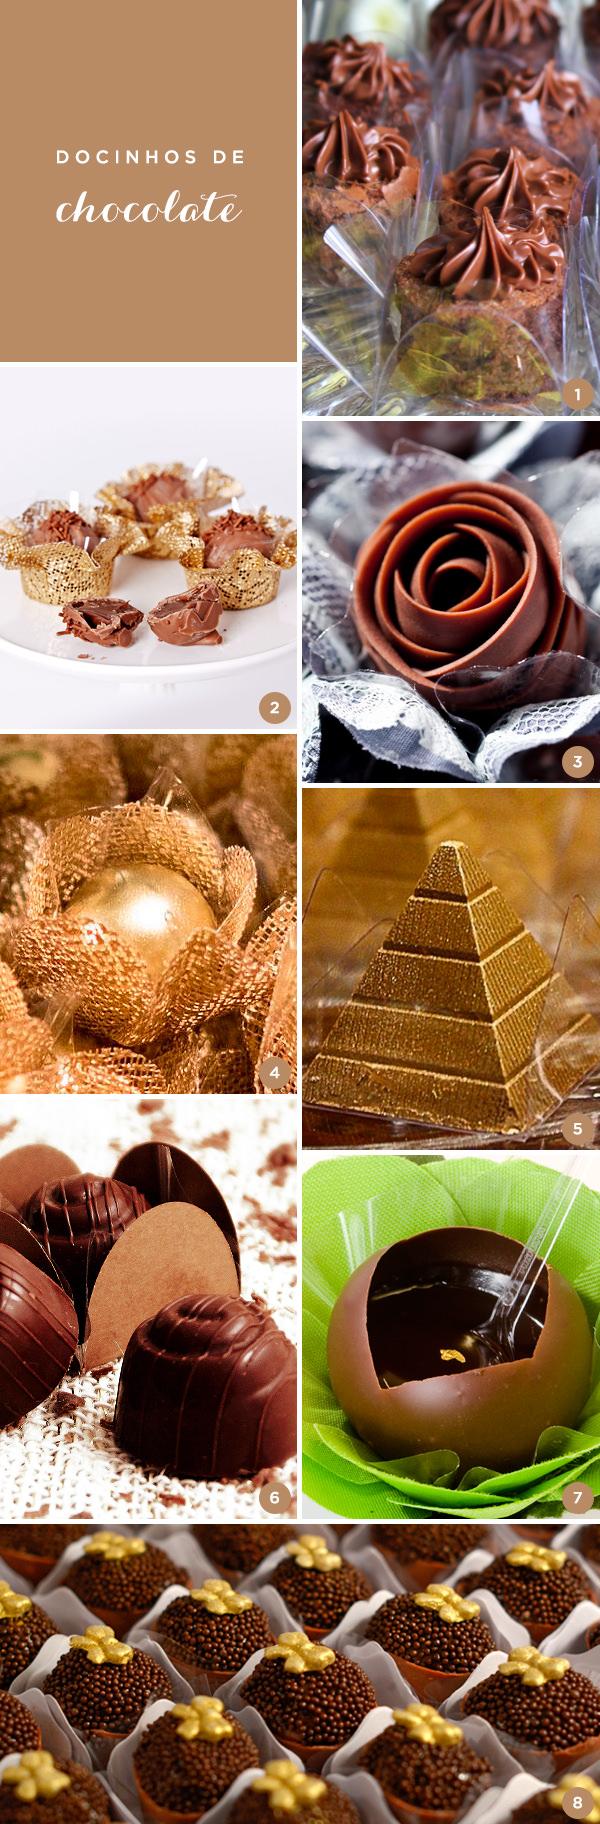 docinhos-de-chocolate-casamento-2